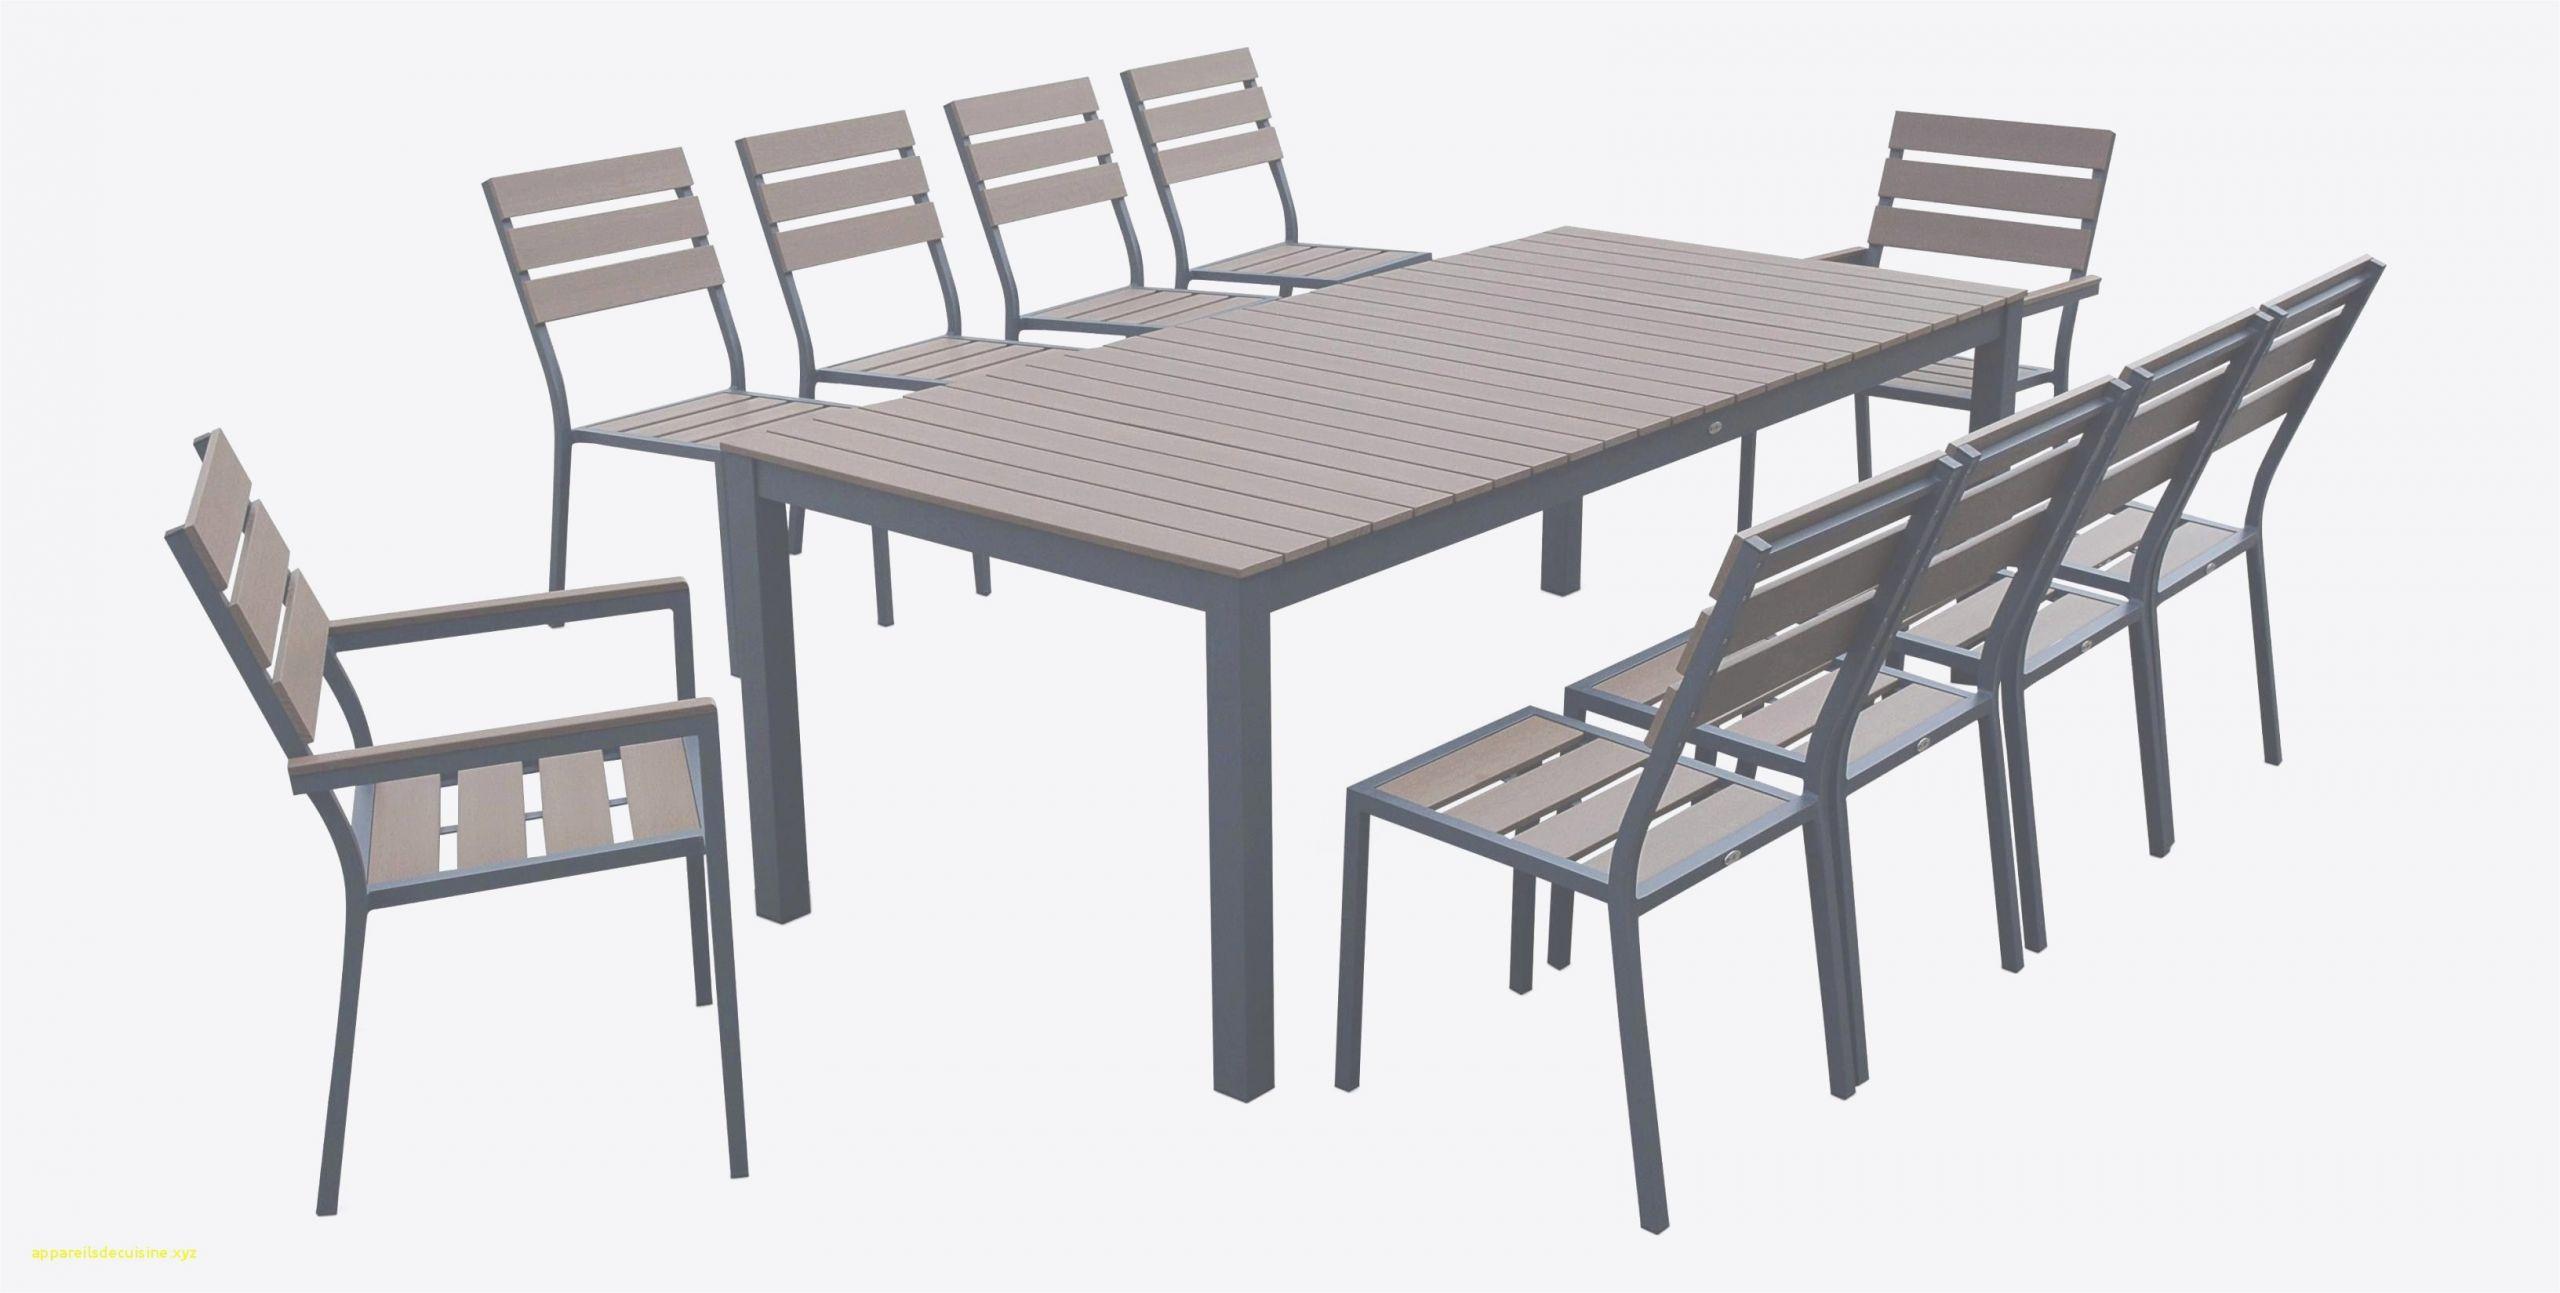 meubles carrefour soldes 36 carrefour meuble cuisine idees de conception de maison of meubles carrefour soldes